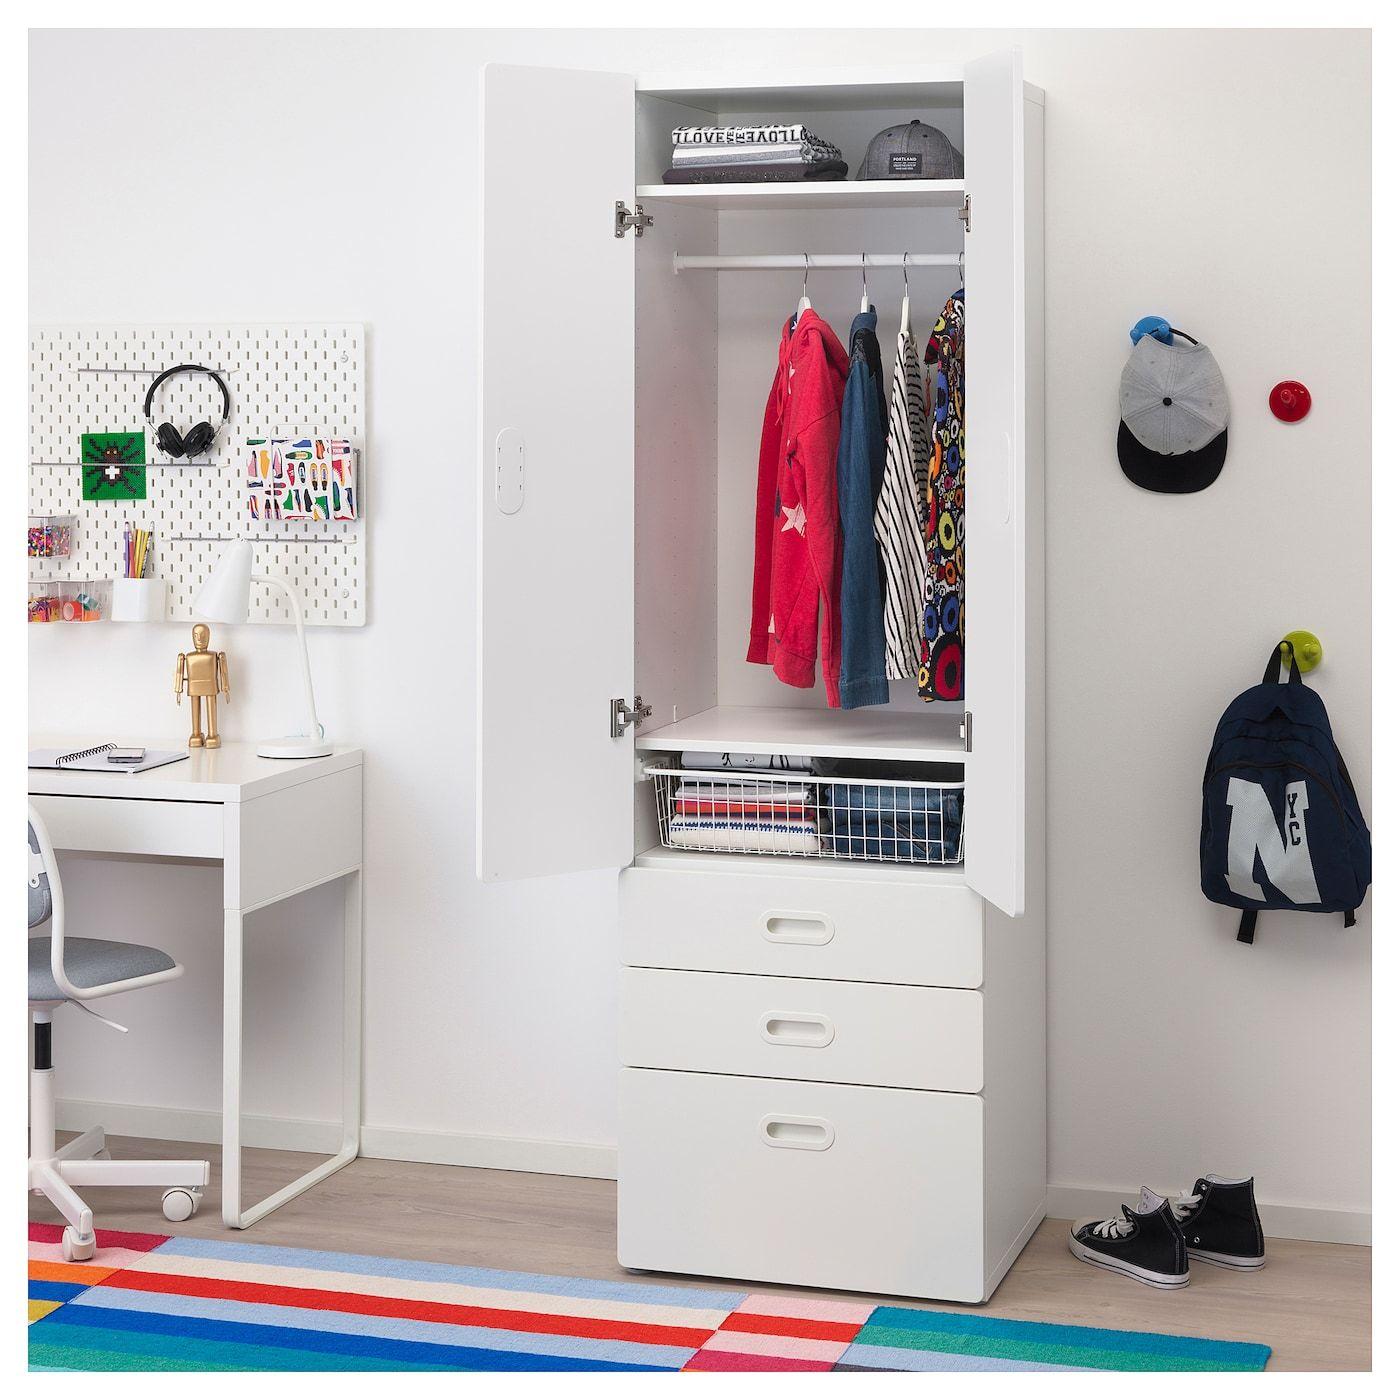 Ikea Stuva Fritids Wardrobe